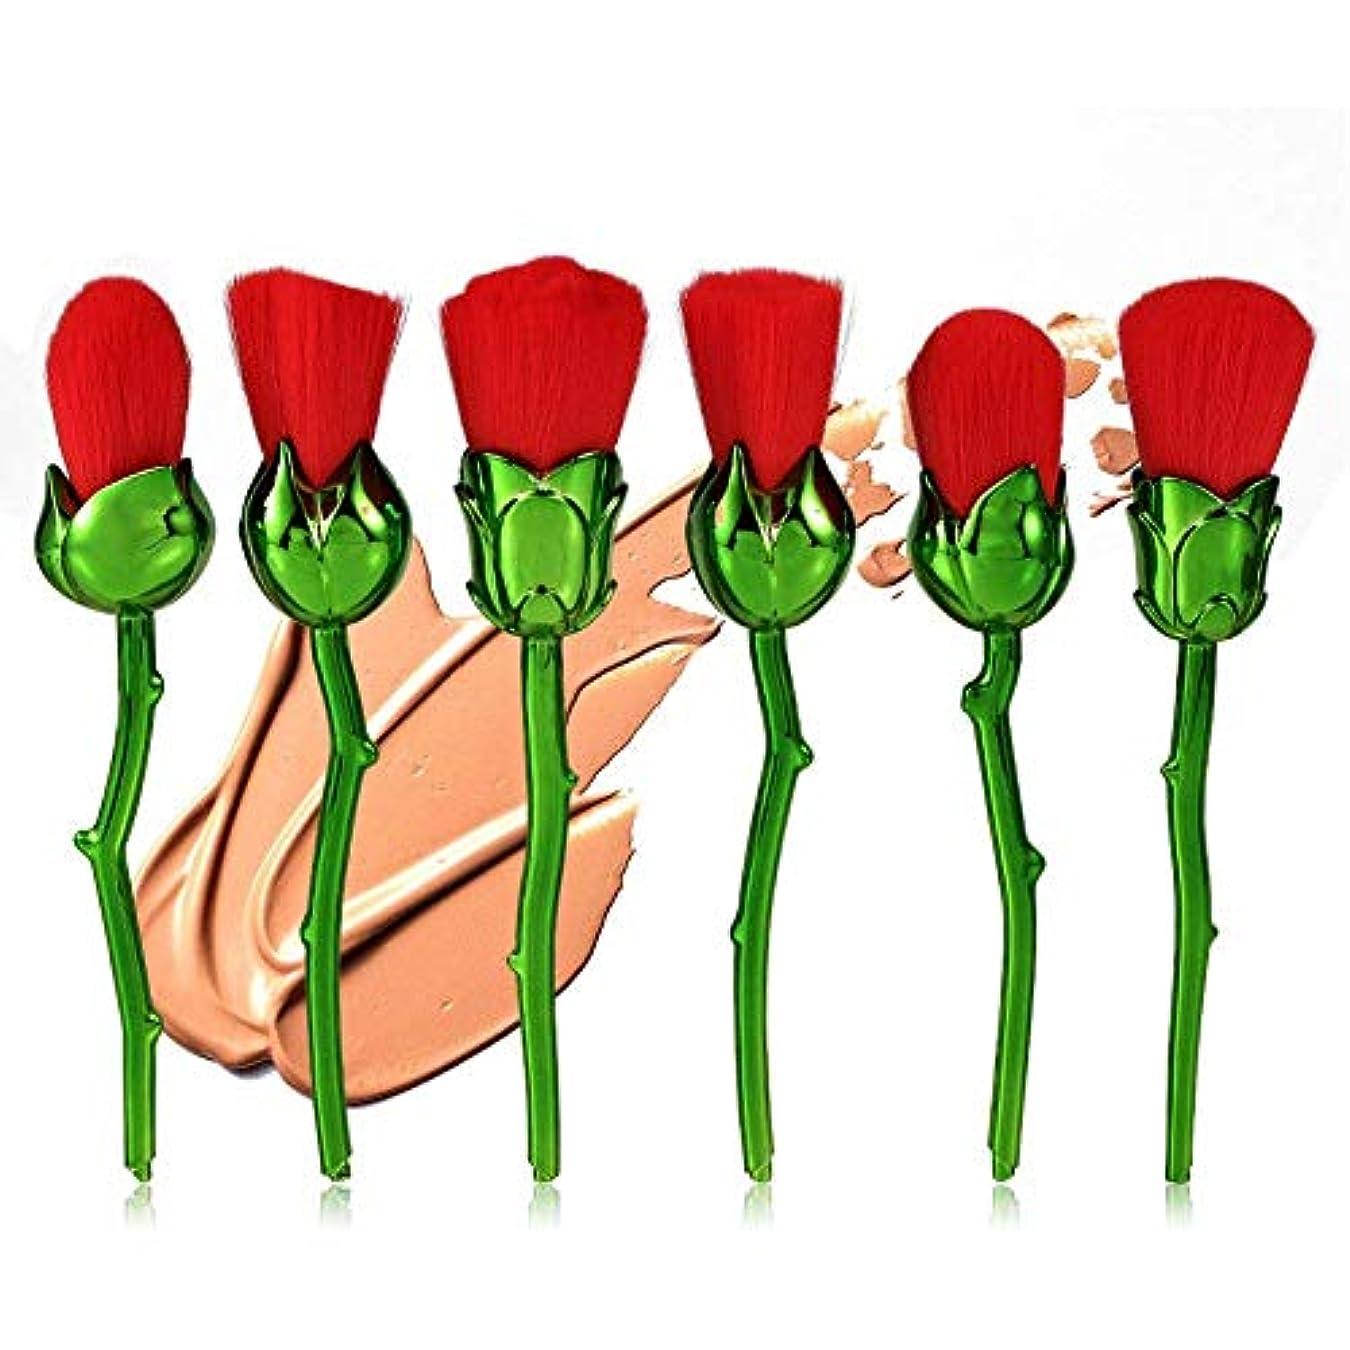 飲み込むのりミュートメイクブラシセット、6個の赤いローズ形状のファンデーションブラッシャーパウダーフェイス化粧道具